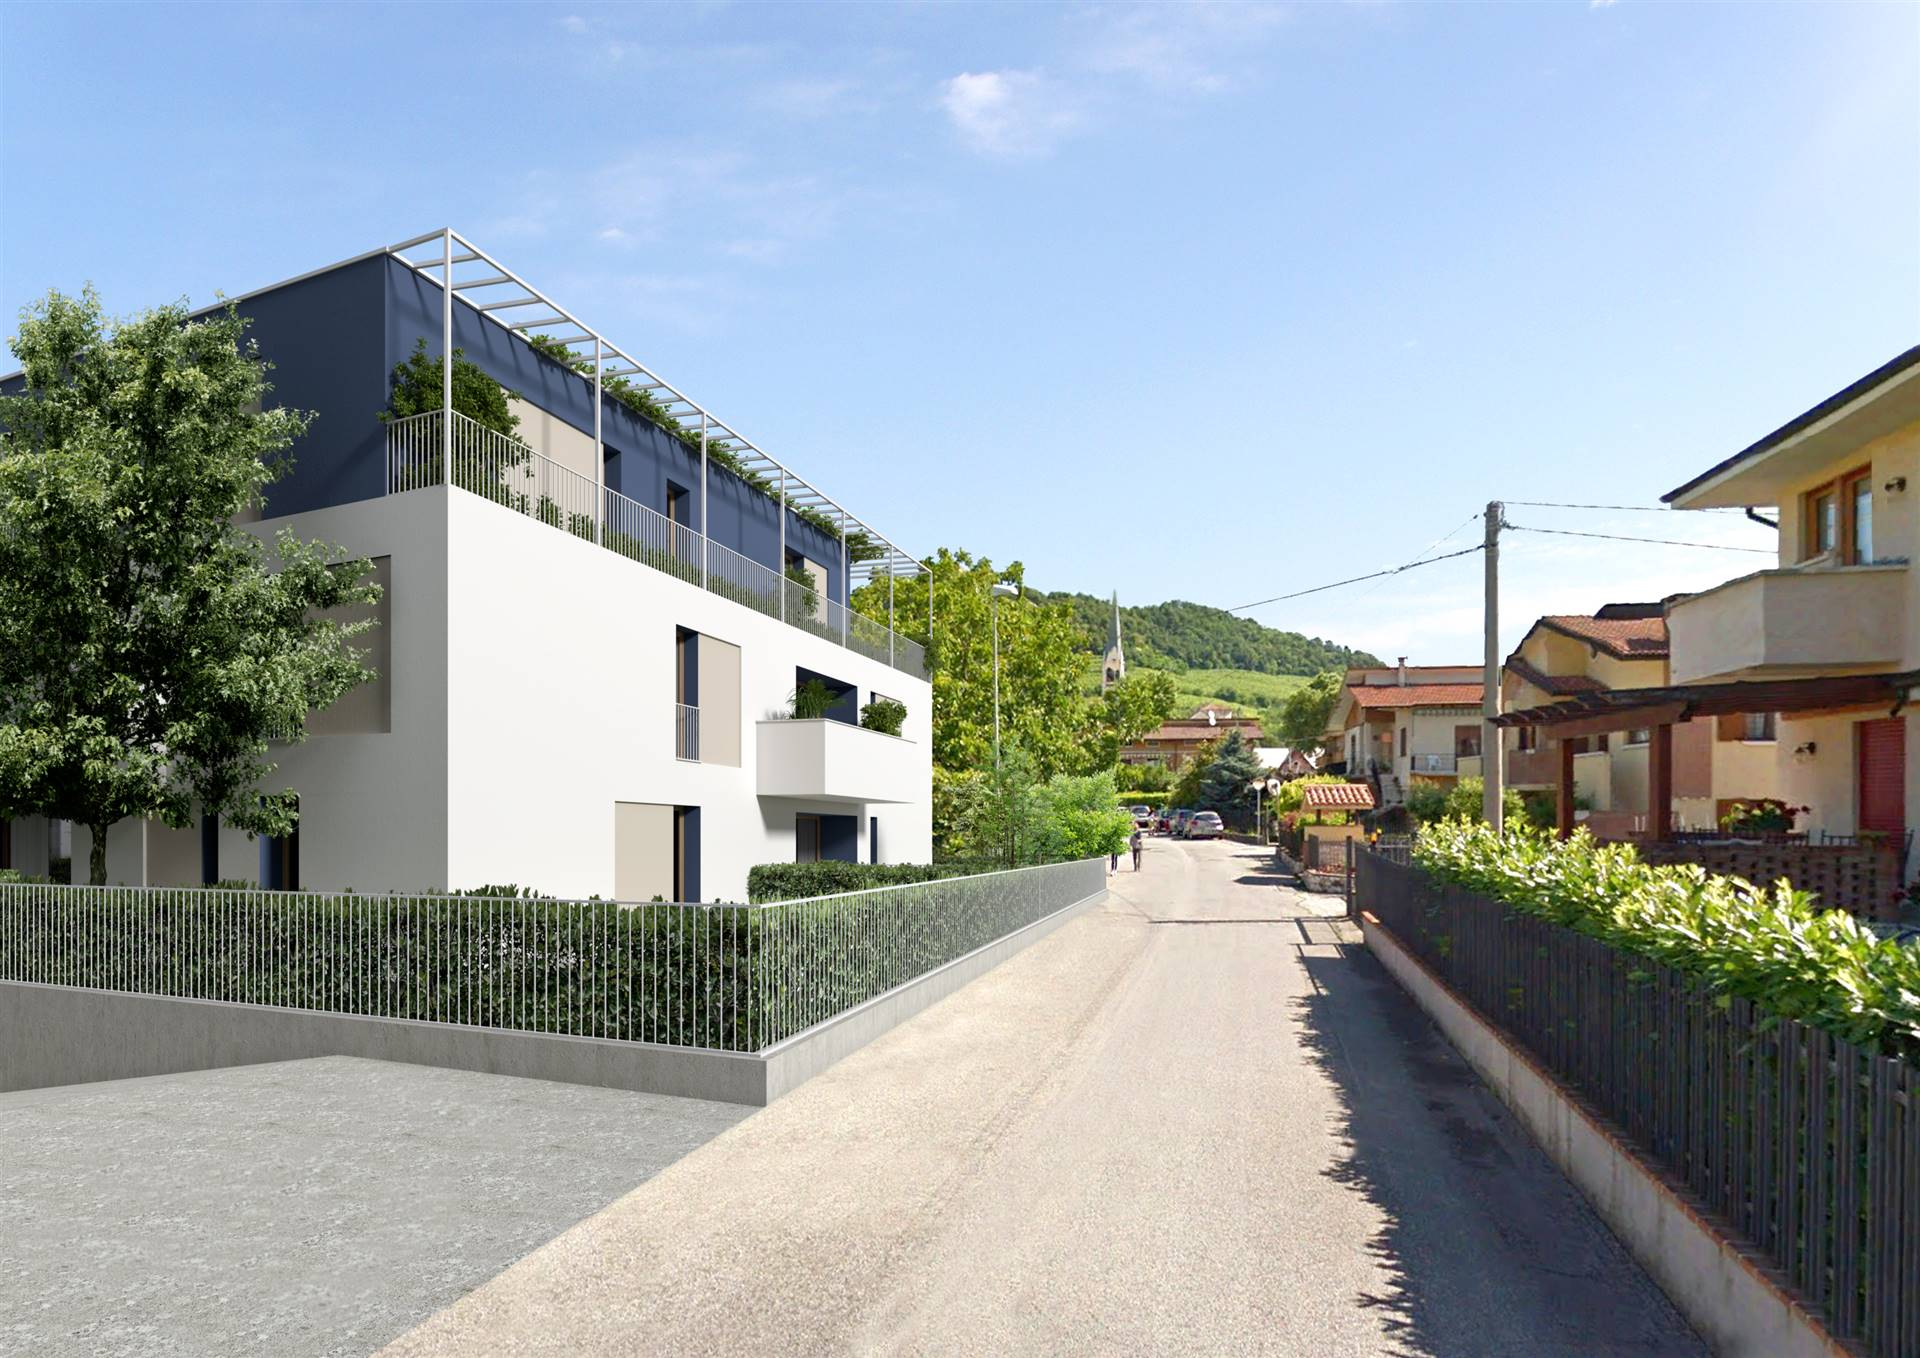 Appartamento in vendita a Montecchio Maggiore, 3 locali, prezzo € 205.000 | CambioCasa.it